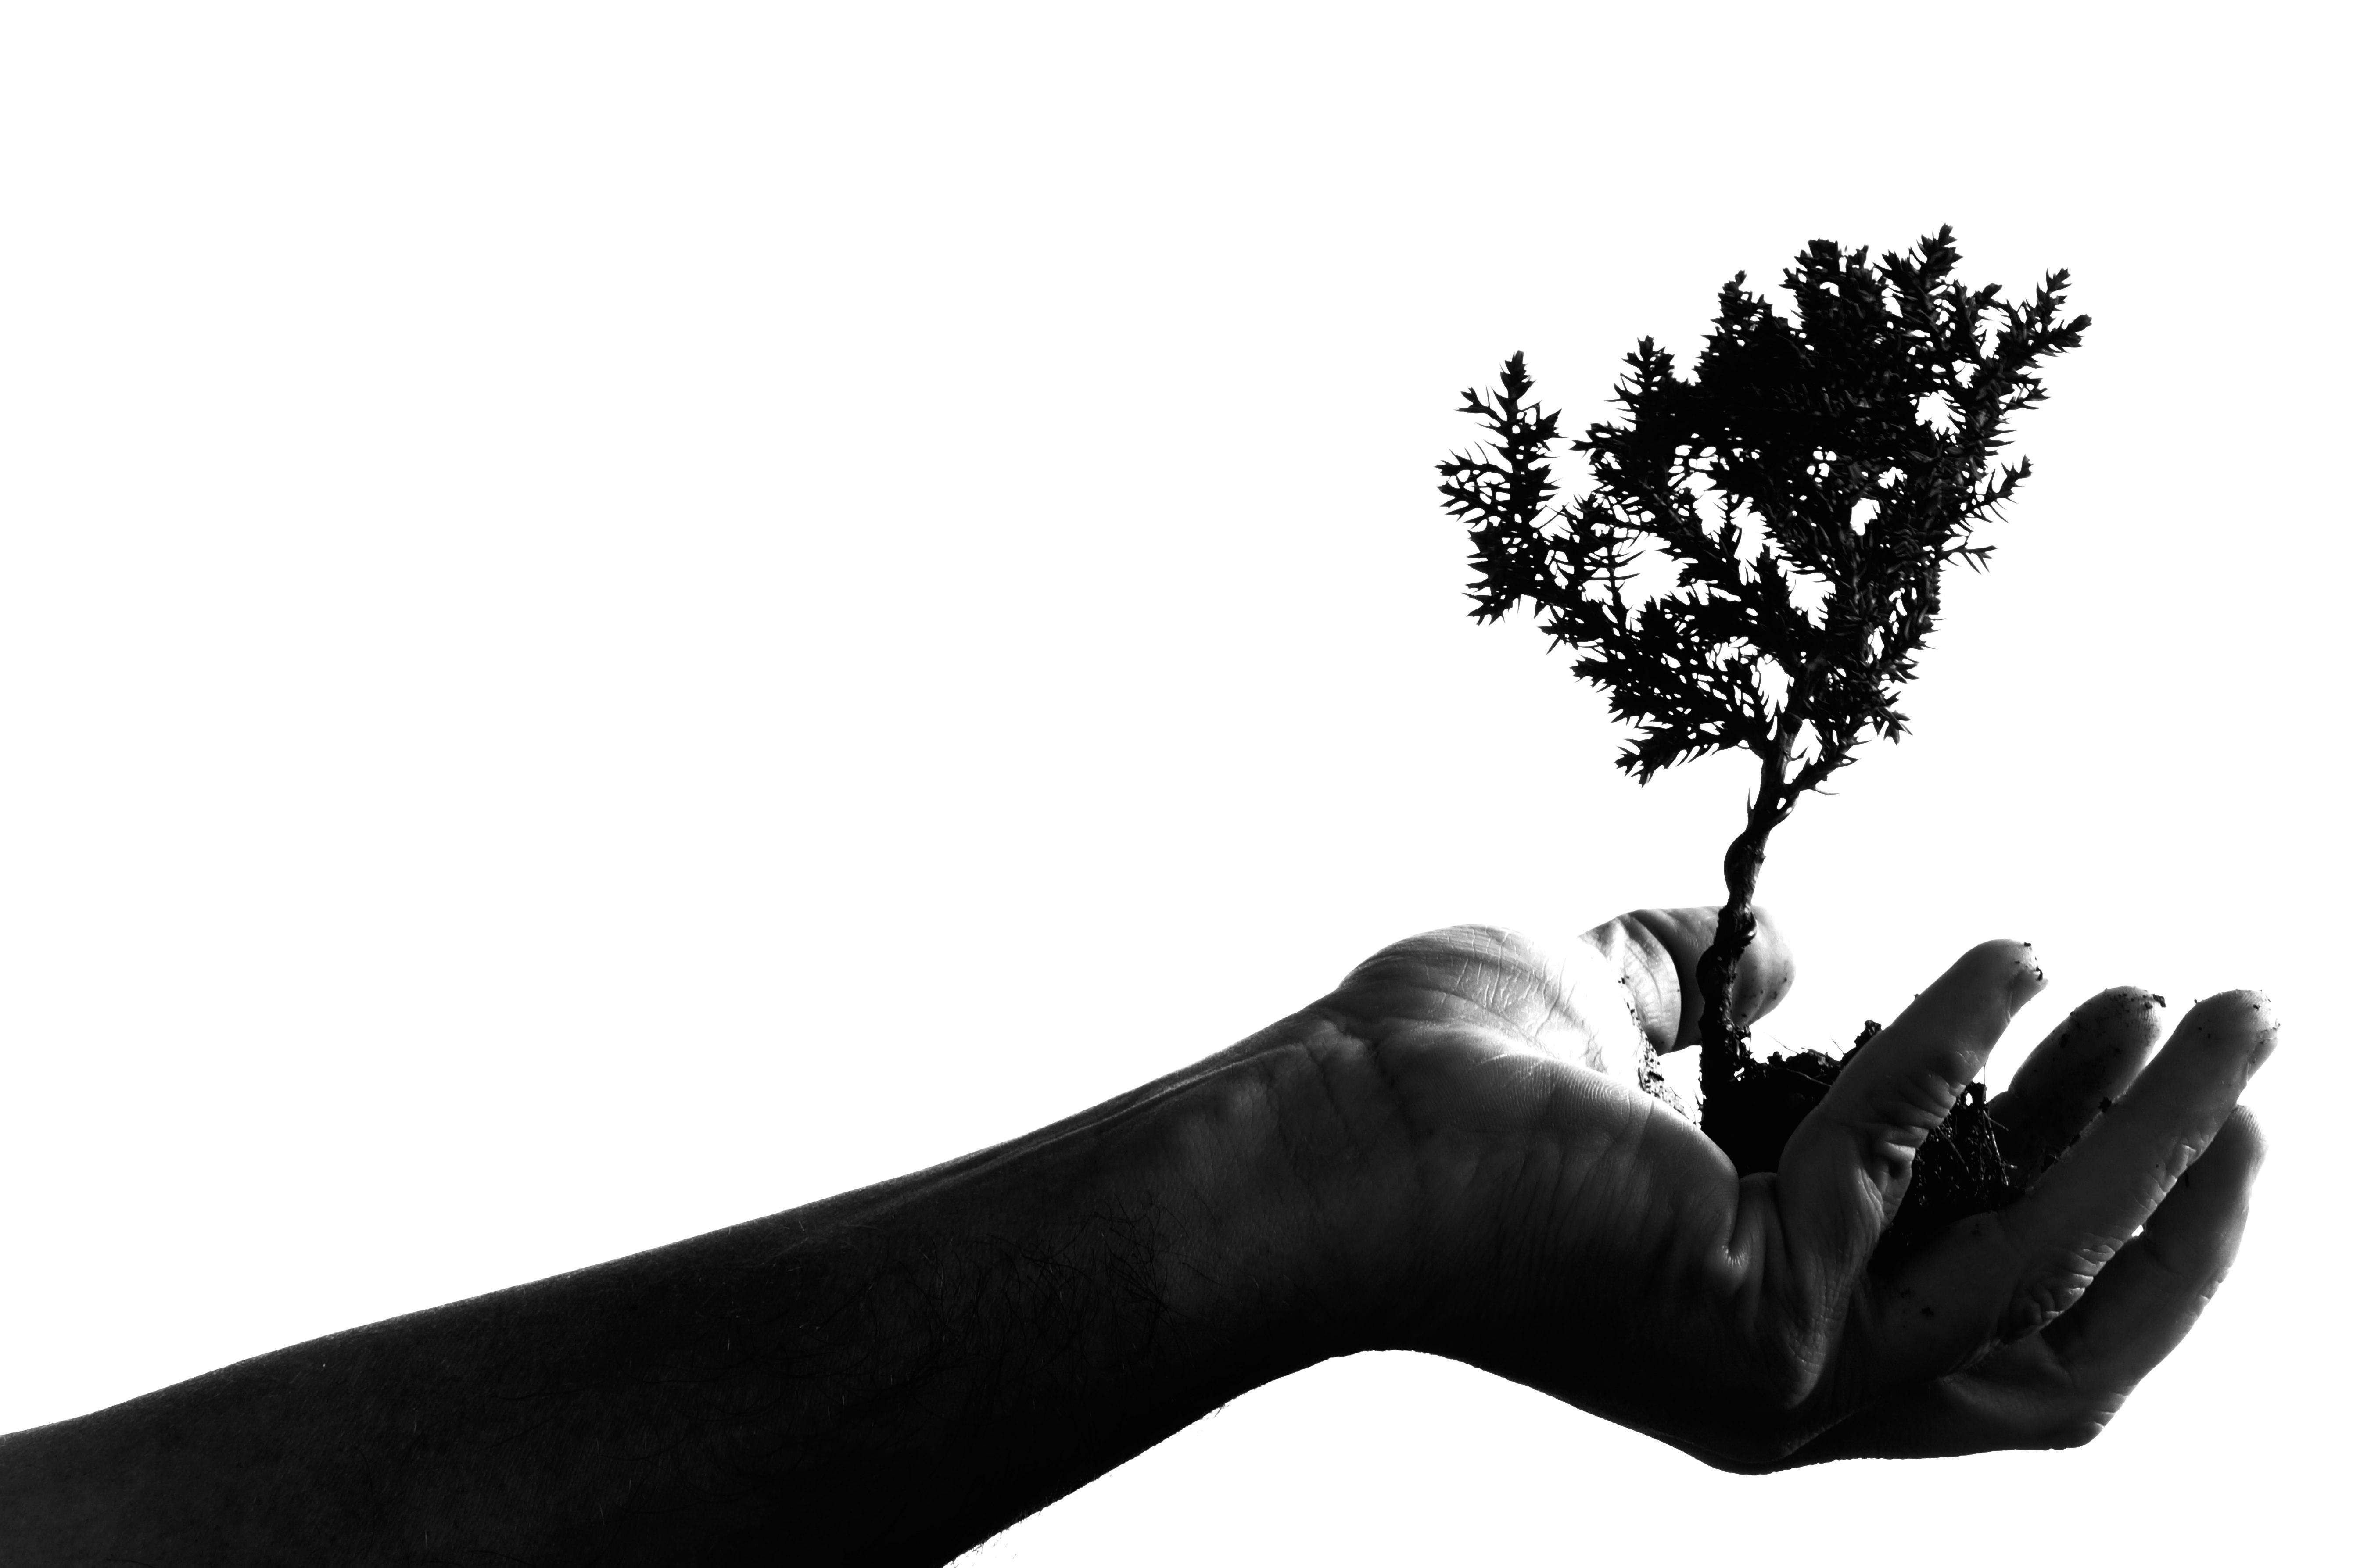 Fotos Gratis : Mano, árbol, Rama, Silueta, En Blanco Y